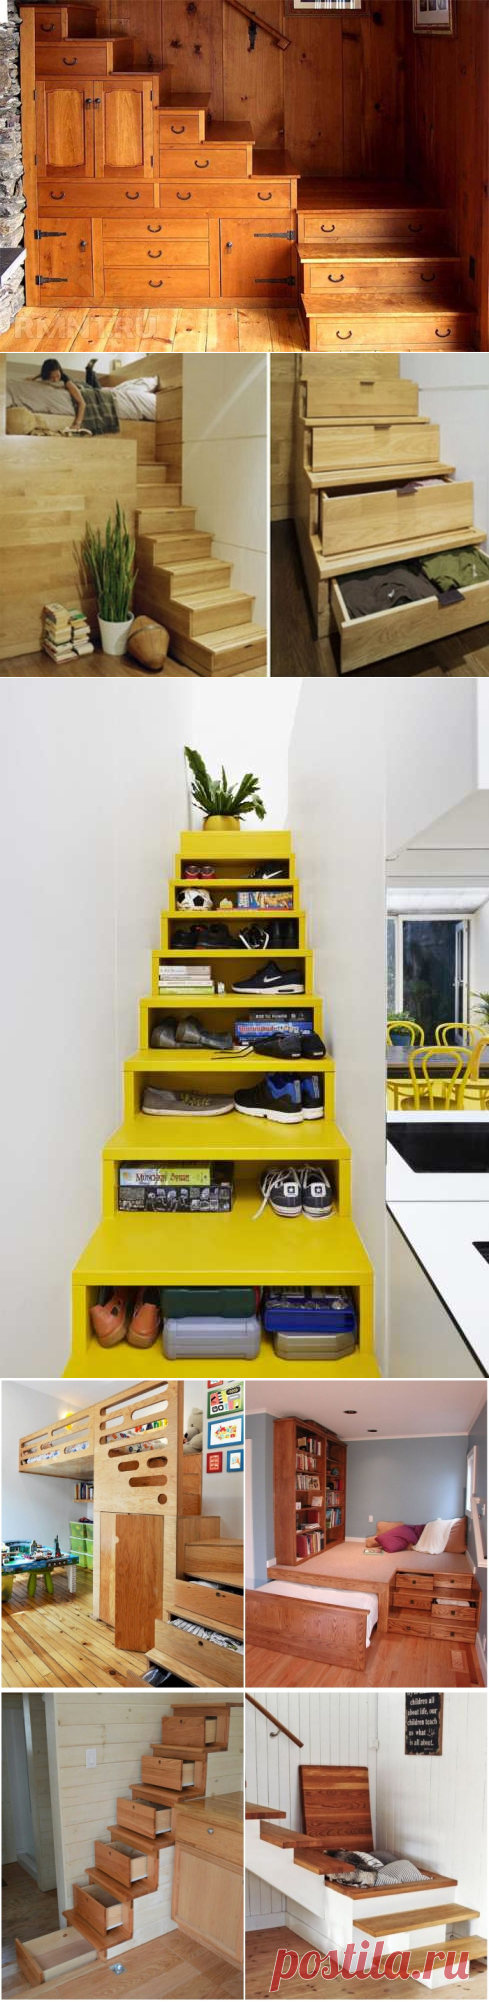 Многофункциональные лестницы с ящиками в ступенях: компактно и оригинально